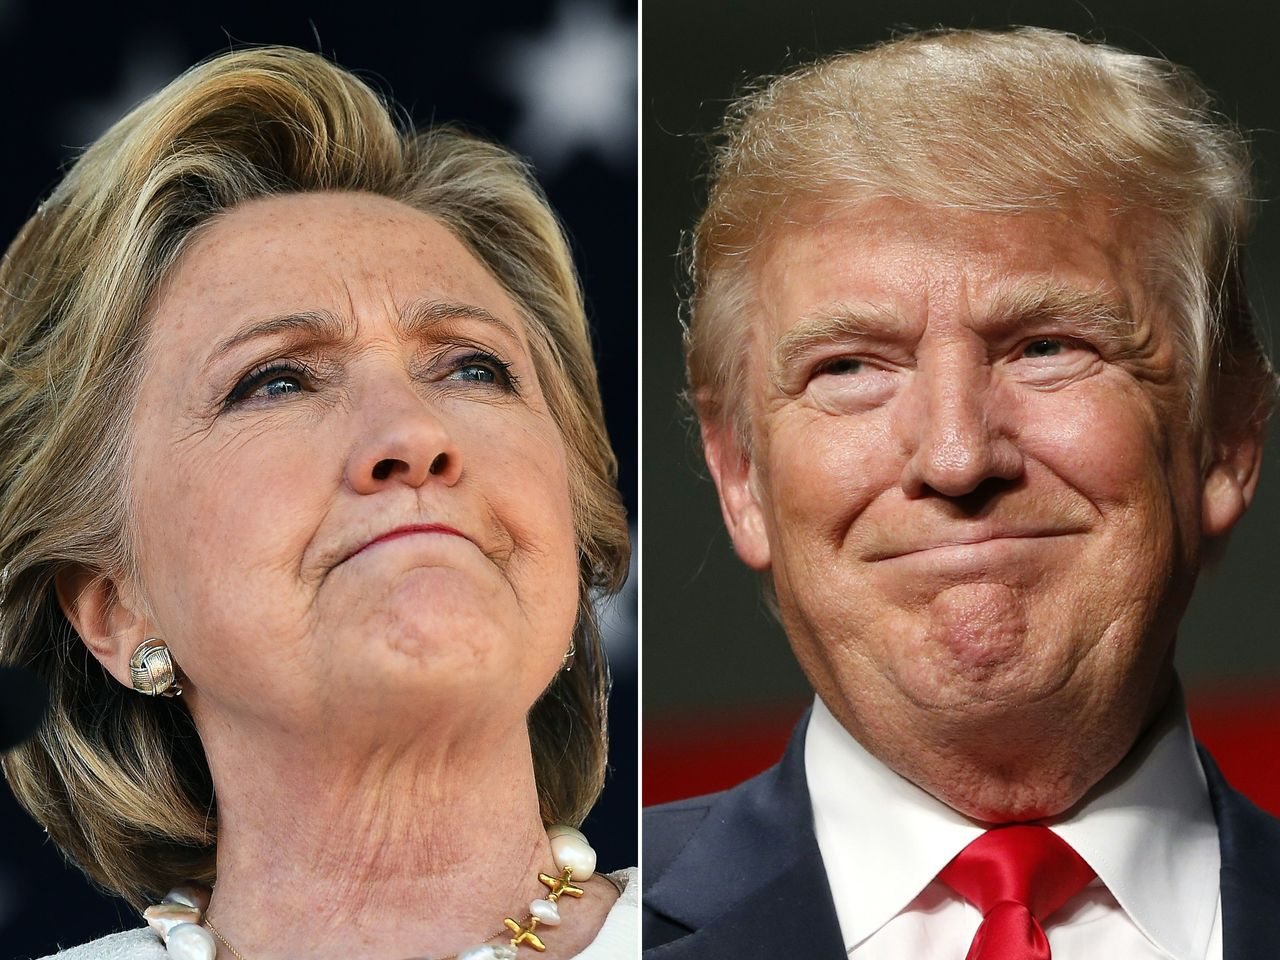 美國總統大選只剩下五天,民調顯示雙方差距縮小,民主黨的希拉蕊.柯林頓僅以微幅差距...